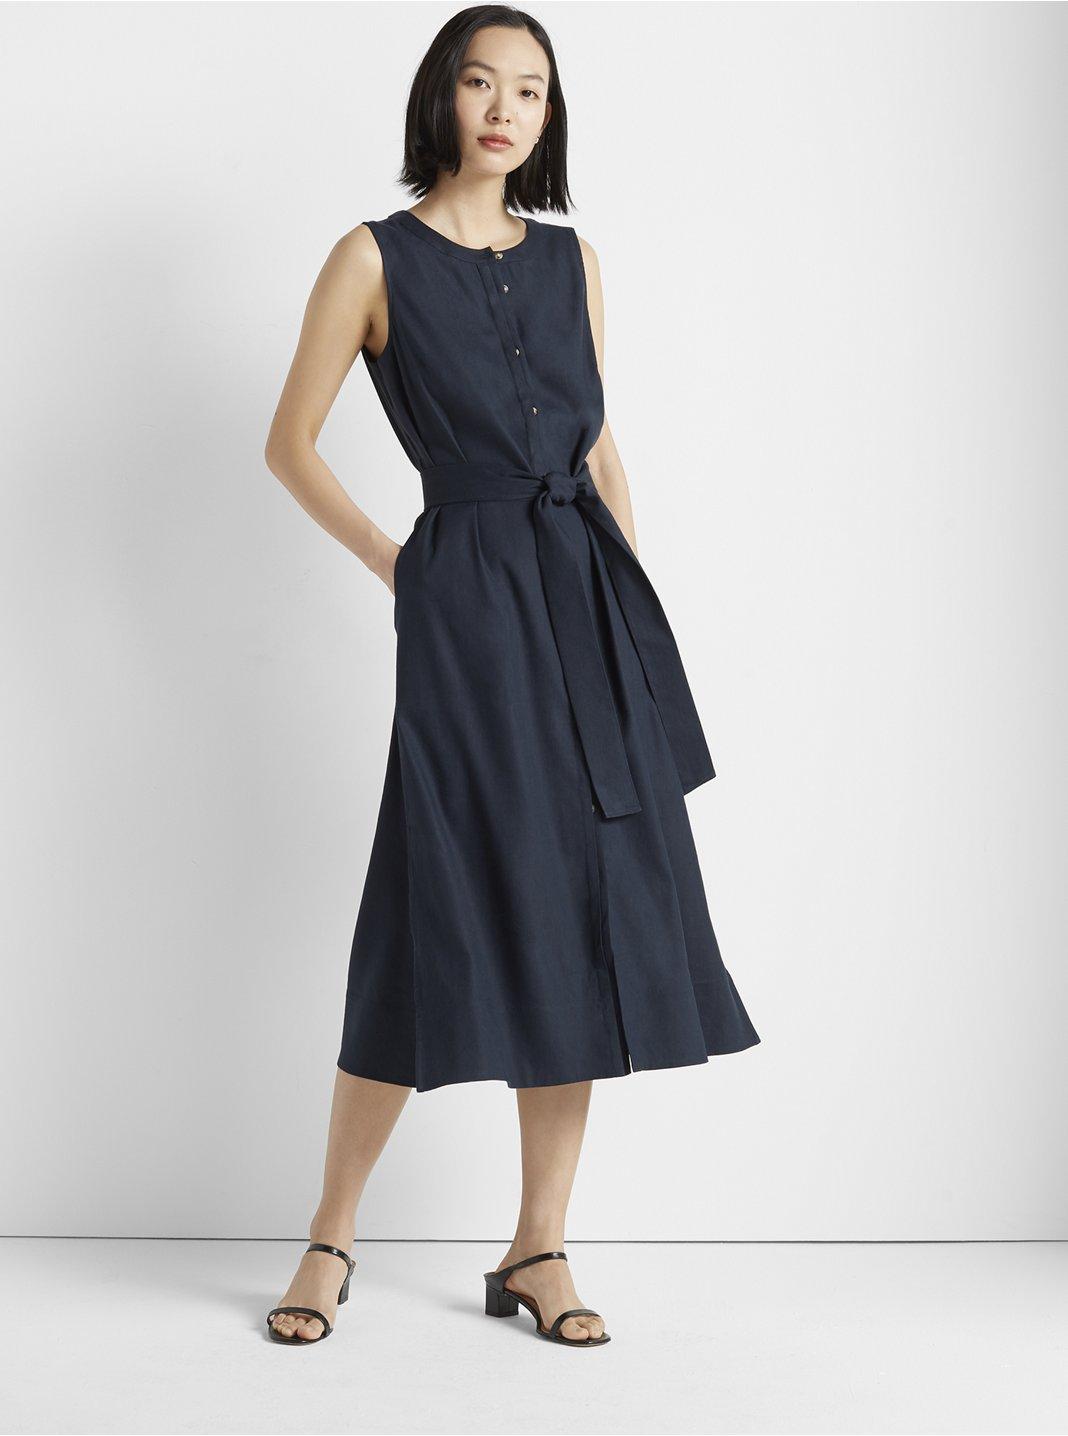 클럽 모나코 민소매 버튼 원피스 - 블루베리 Club Monaco Sleeveless Button Front Dress,Blueberry